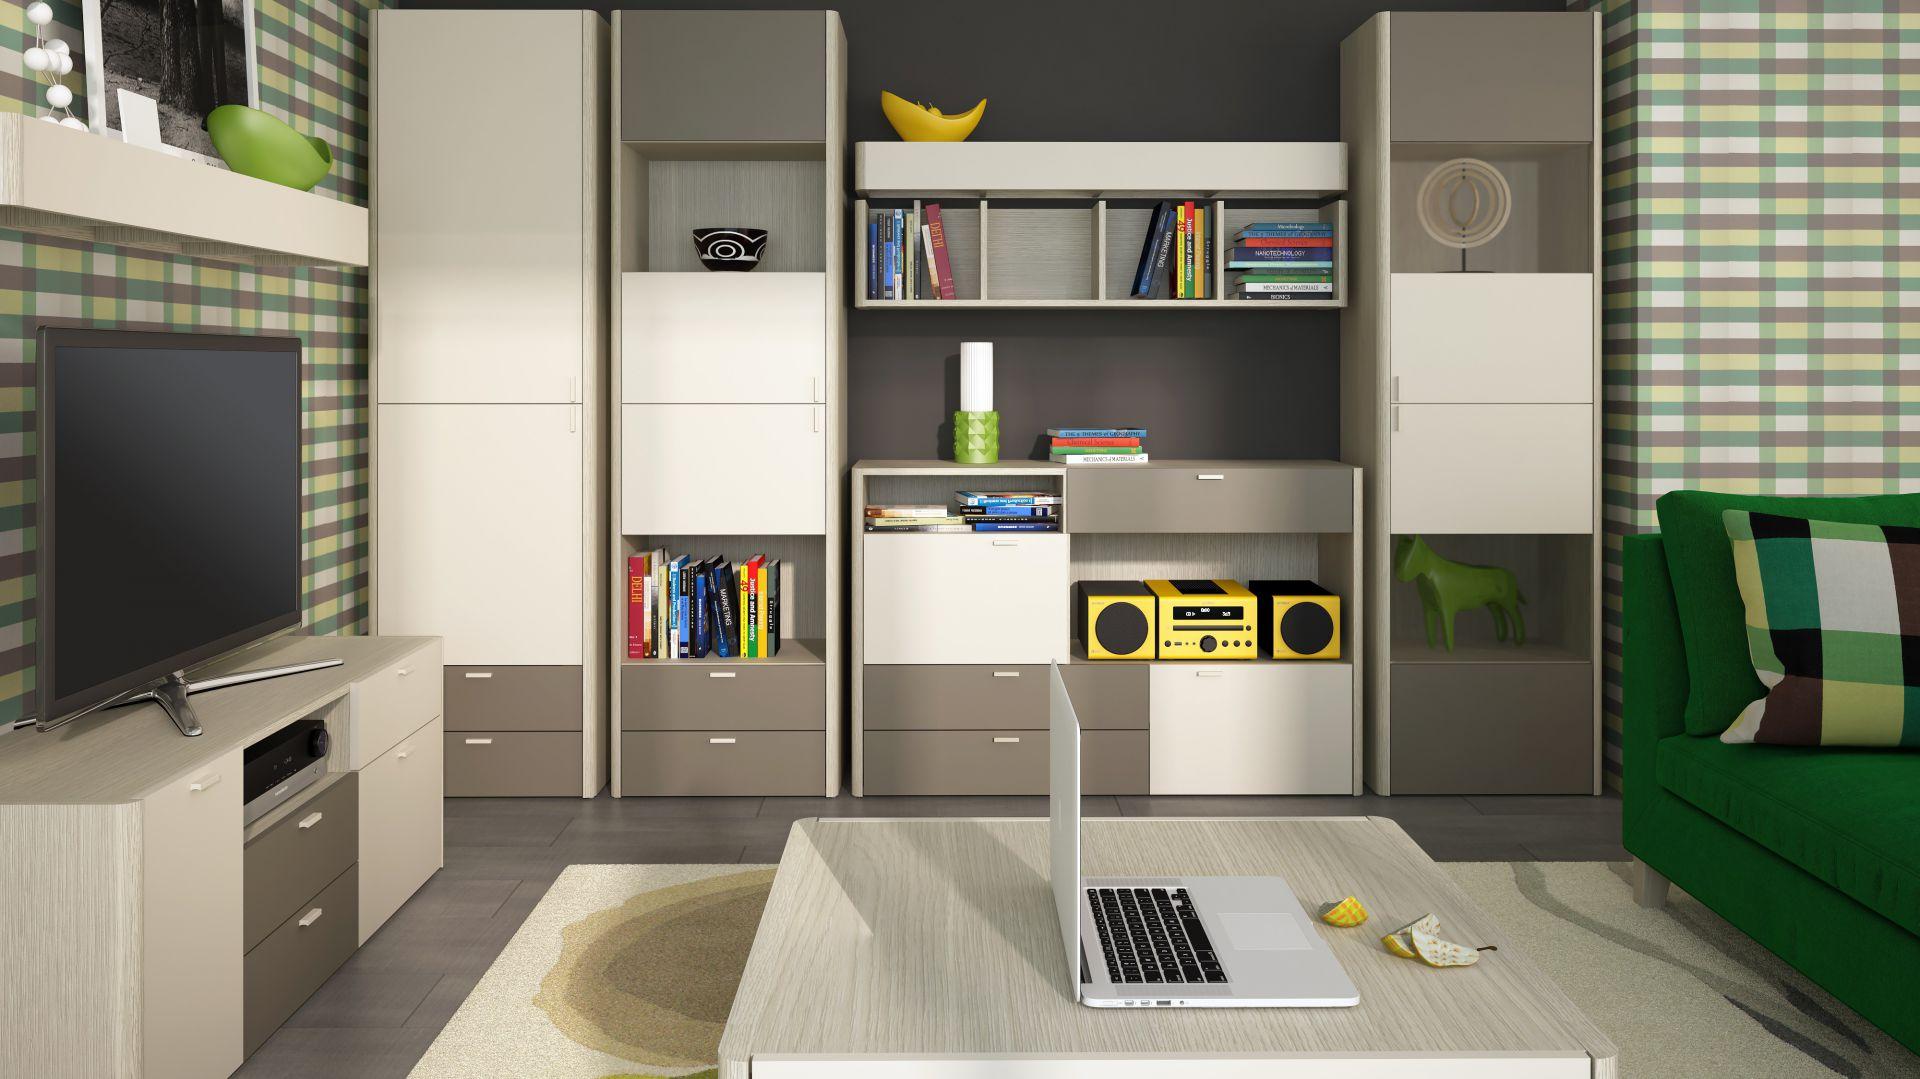 w pokoju dorastaj cego pok j dla ch opca 15 najciekawszych pomys w strona 8. Black Bedroom Furniture Sets. Home Design Ideas